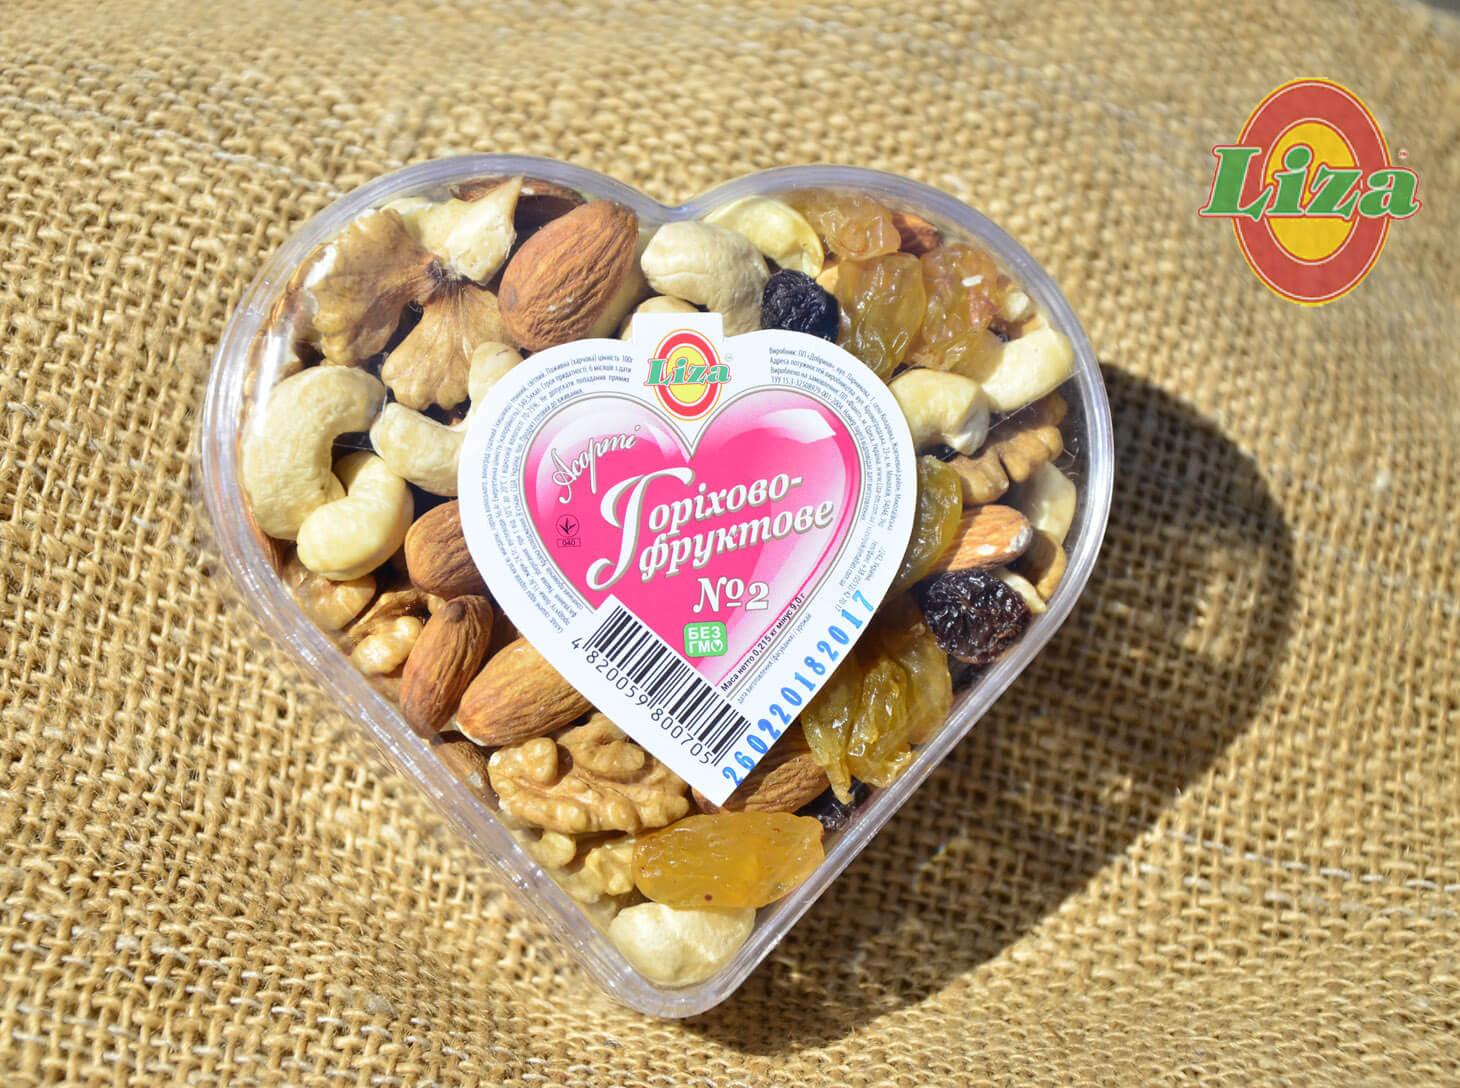 Орехово-фруктовое ассорти №2 , ТМ